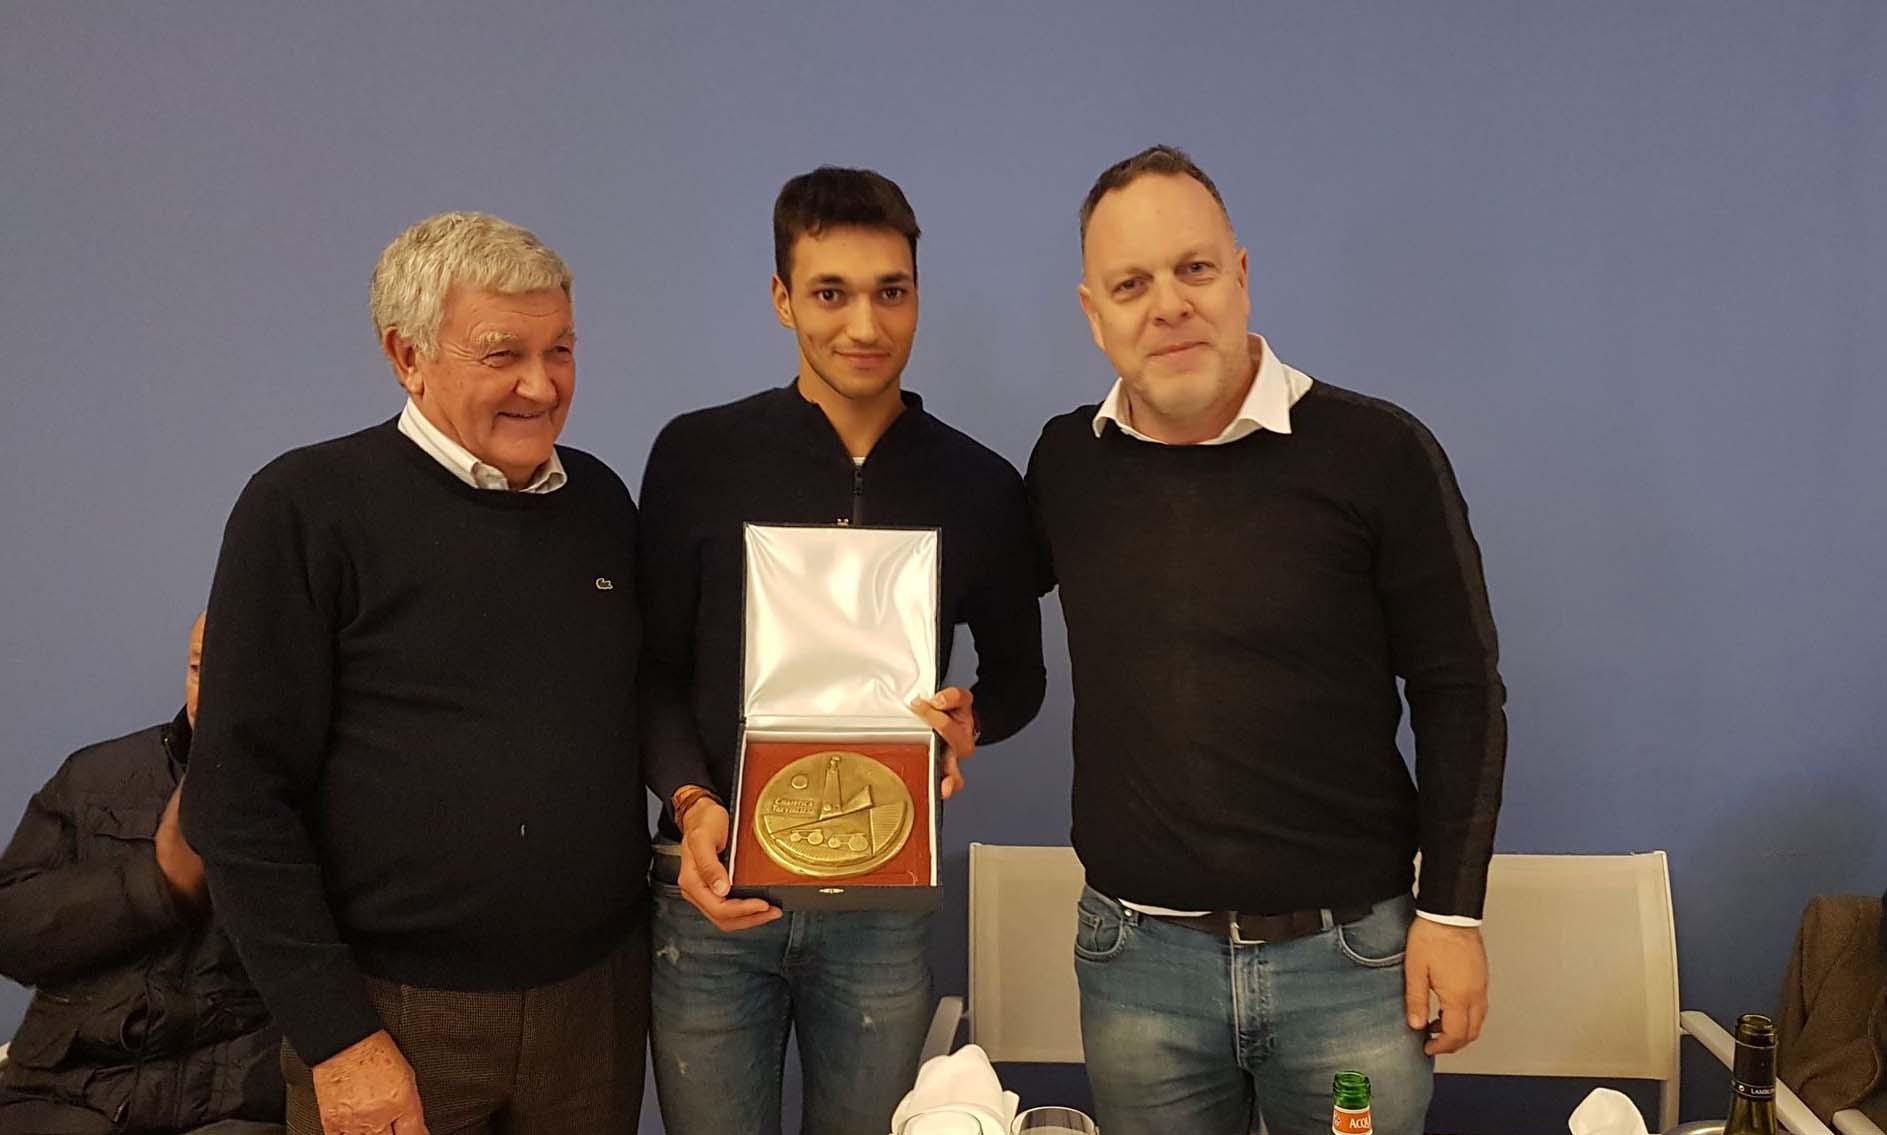 La Ciclistica Trevigliese premia Jalel Duranti